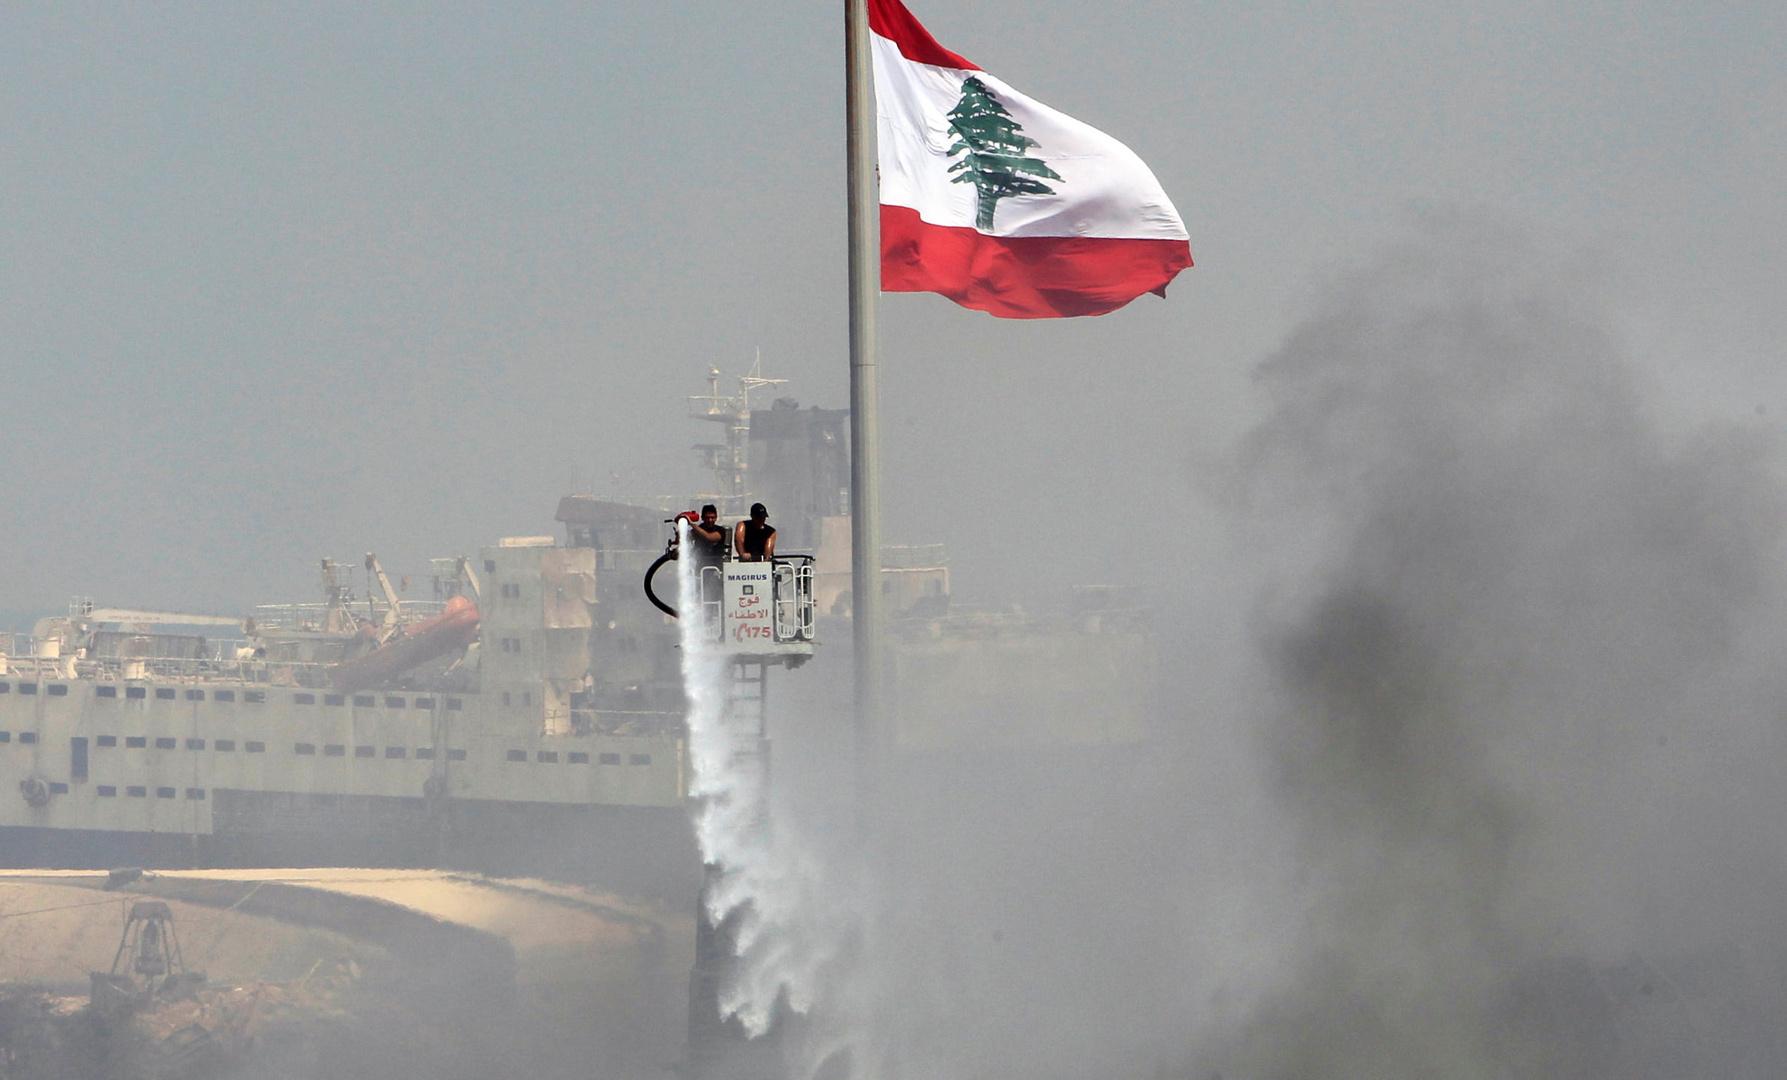 الجيش اللبناني: وفاة عسكري رابع إثر المداهمة في البداوي ومقتل الإرهابي خالد التلاوي